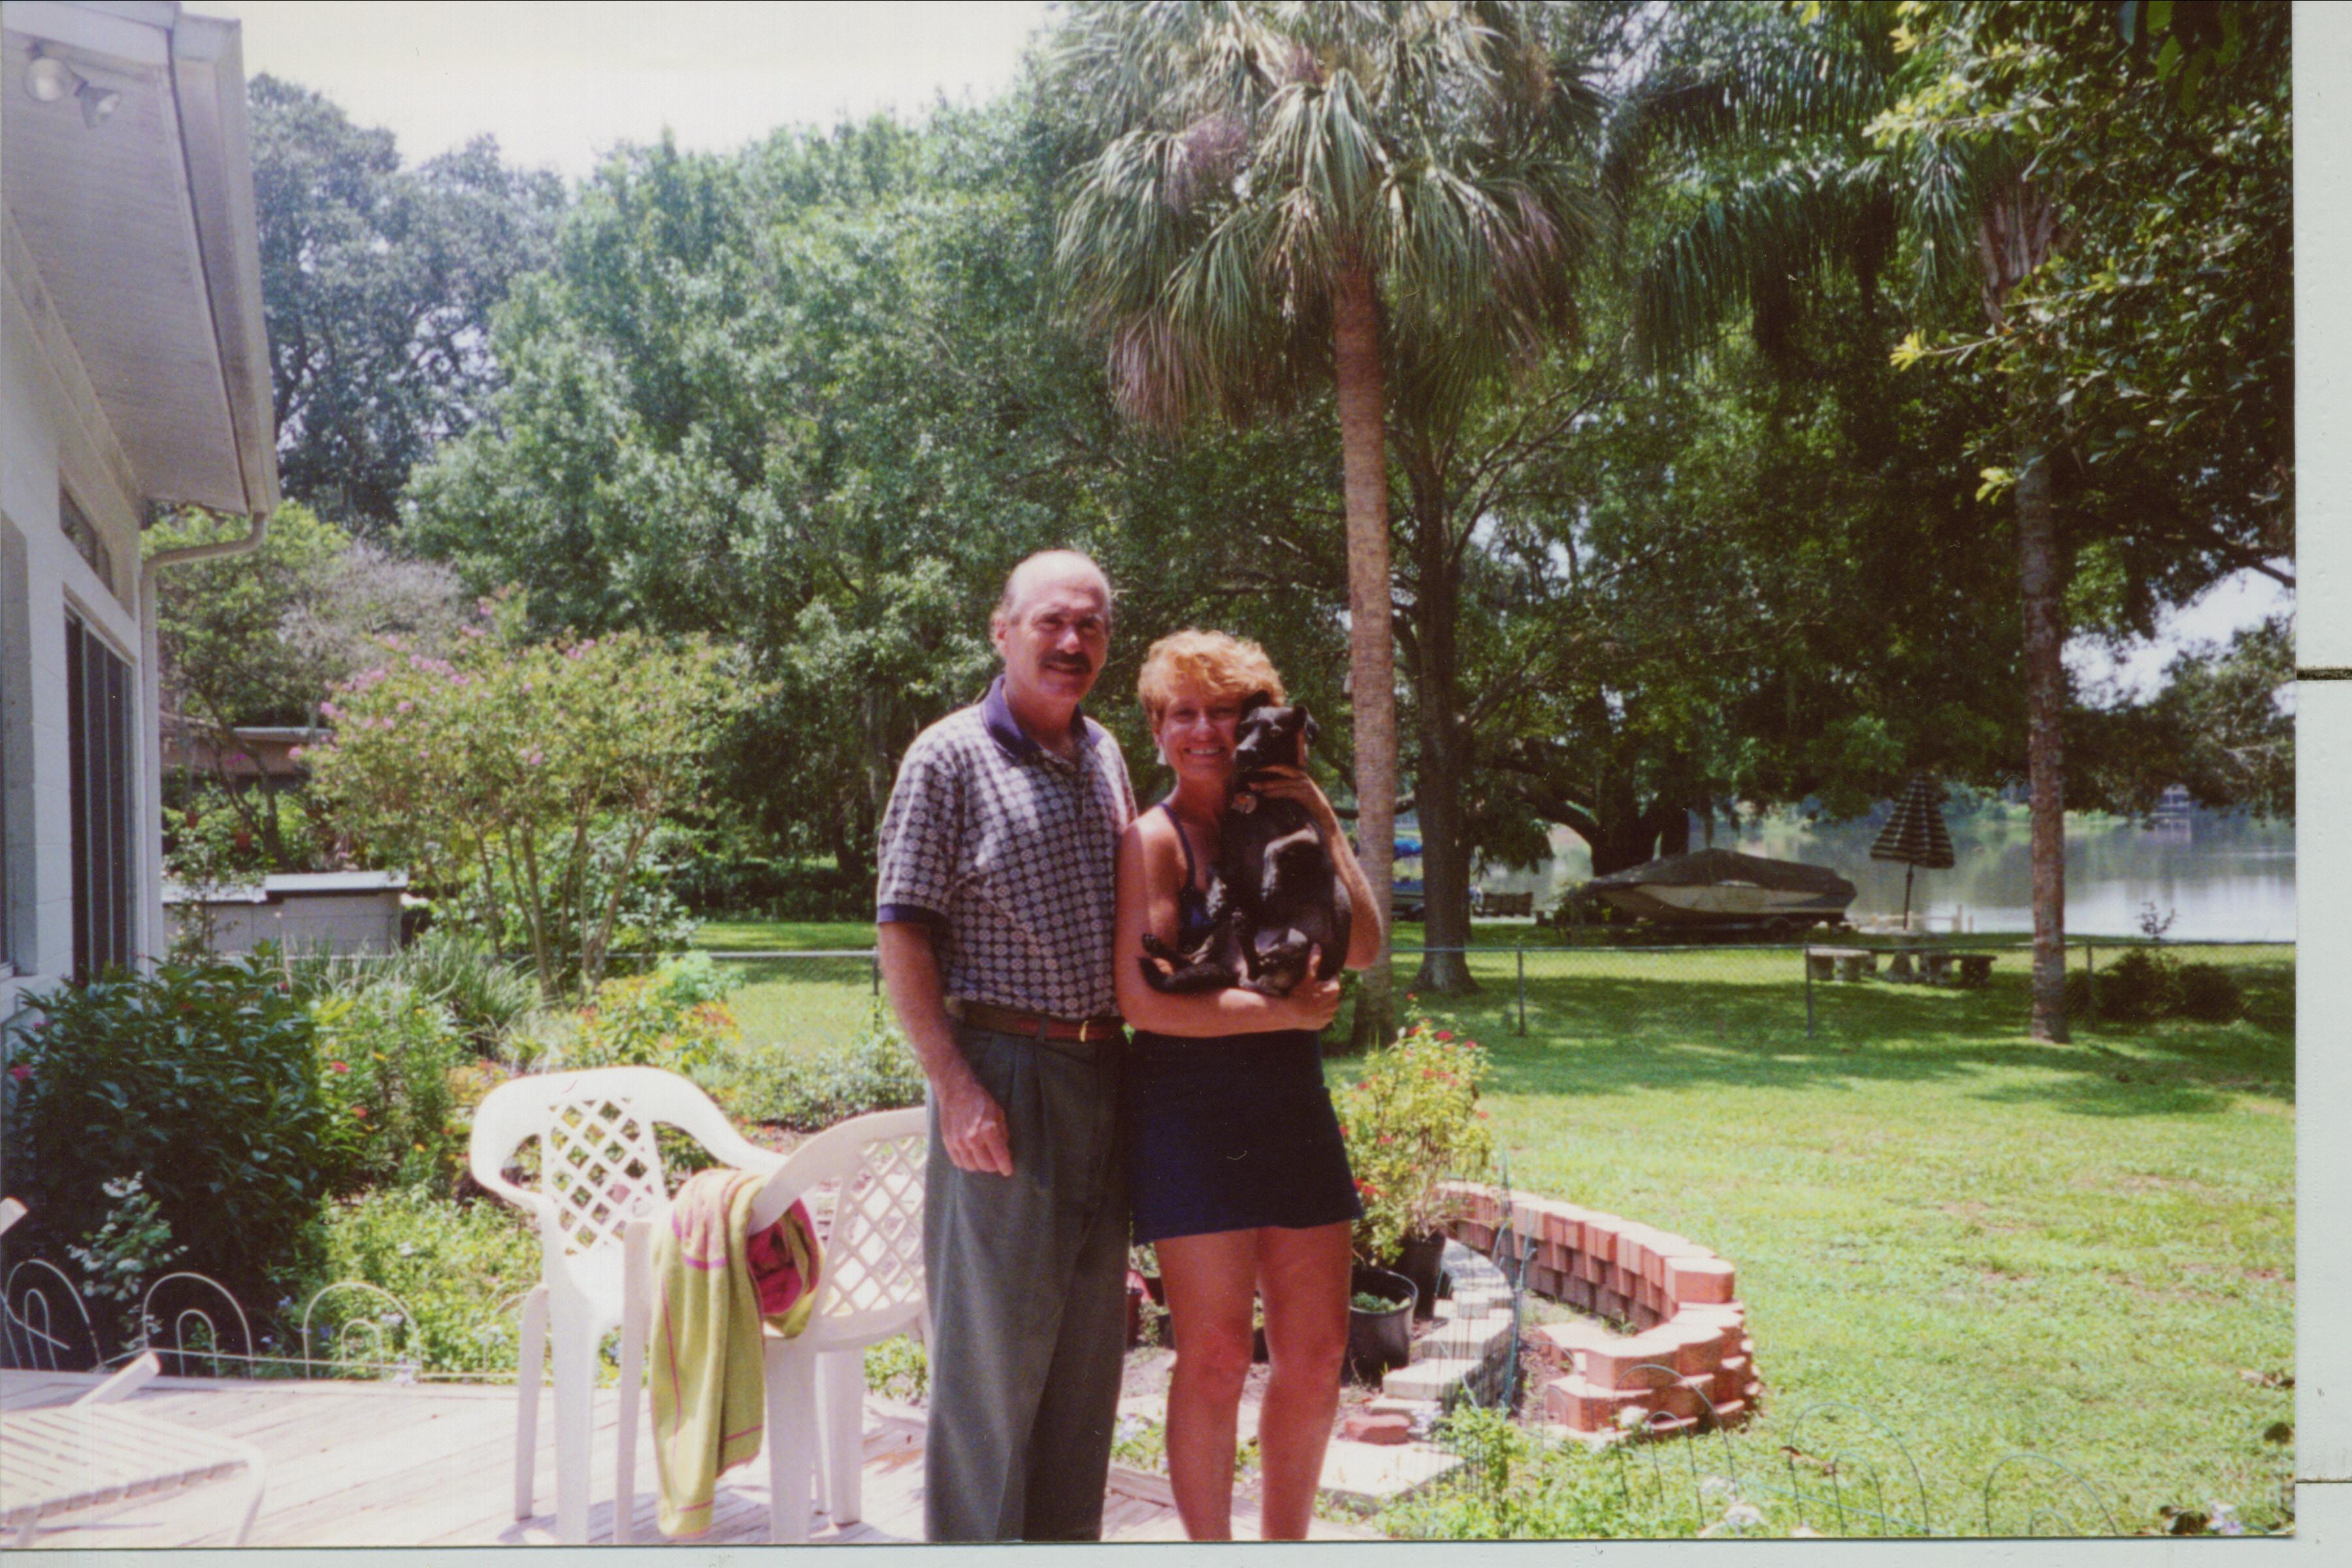 Fran and Rich Cooperwasser